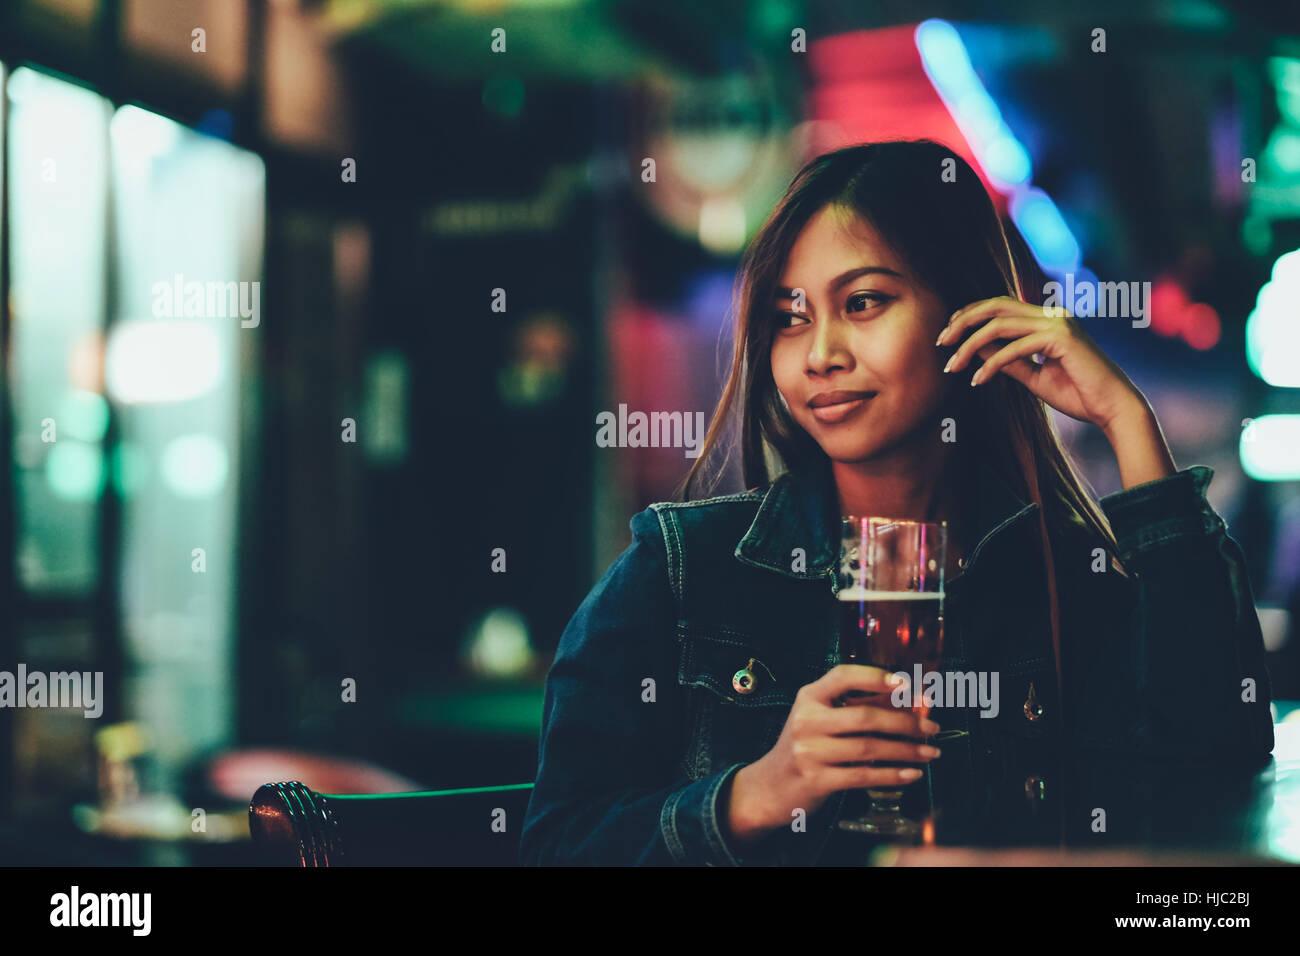 La vie nocturne, des profils girl en attente dans le bar bear Photo Stock